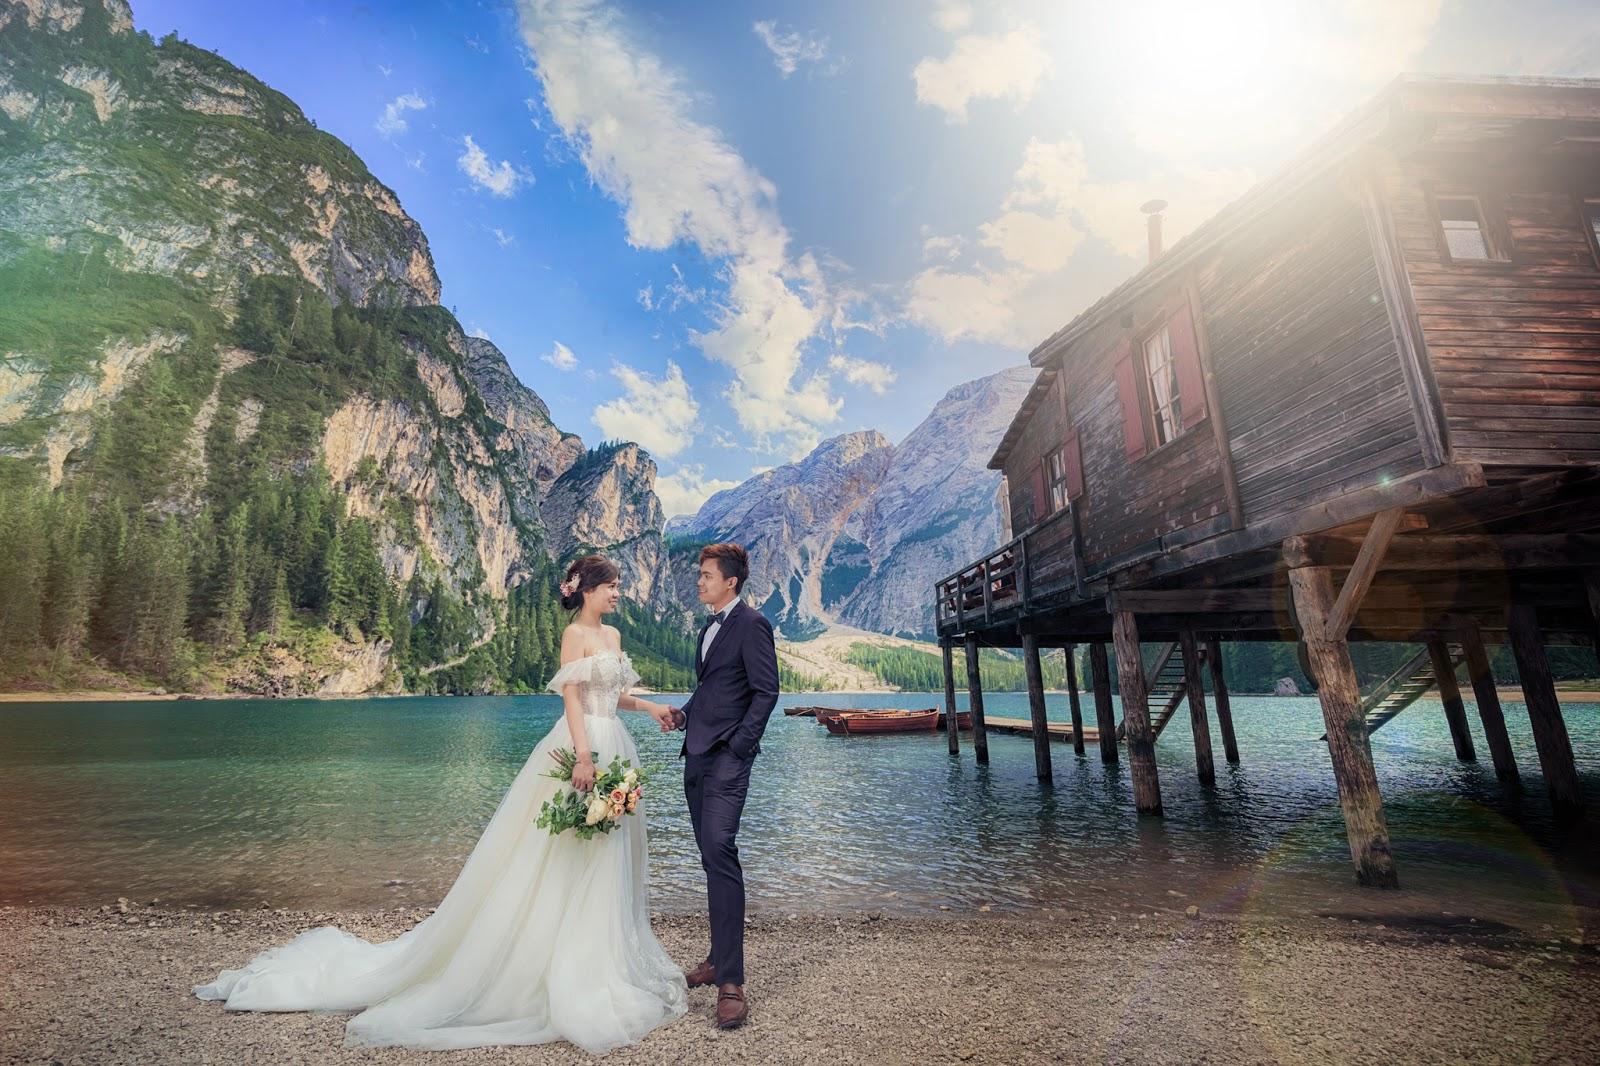 多洛米蒂婚紗 富內斯 Val di Funes 仙境婚紗 Dolomiti婚紗 義大利婚紗 Bolzano 波扎諾 威尼斯婚紗 米蘭羅馬